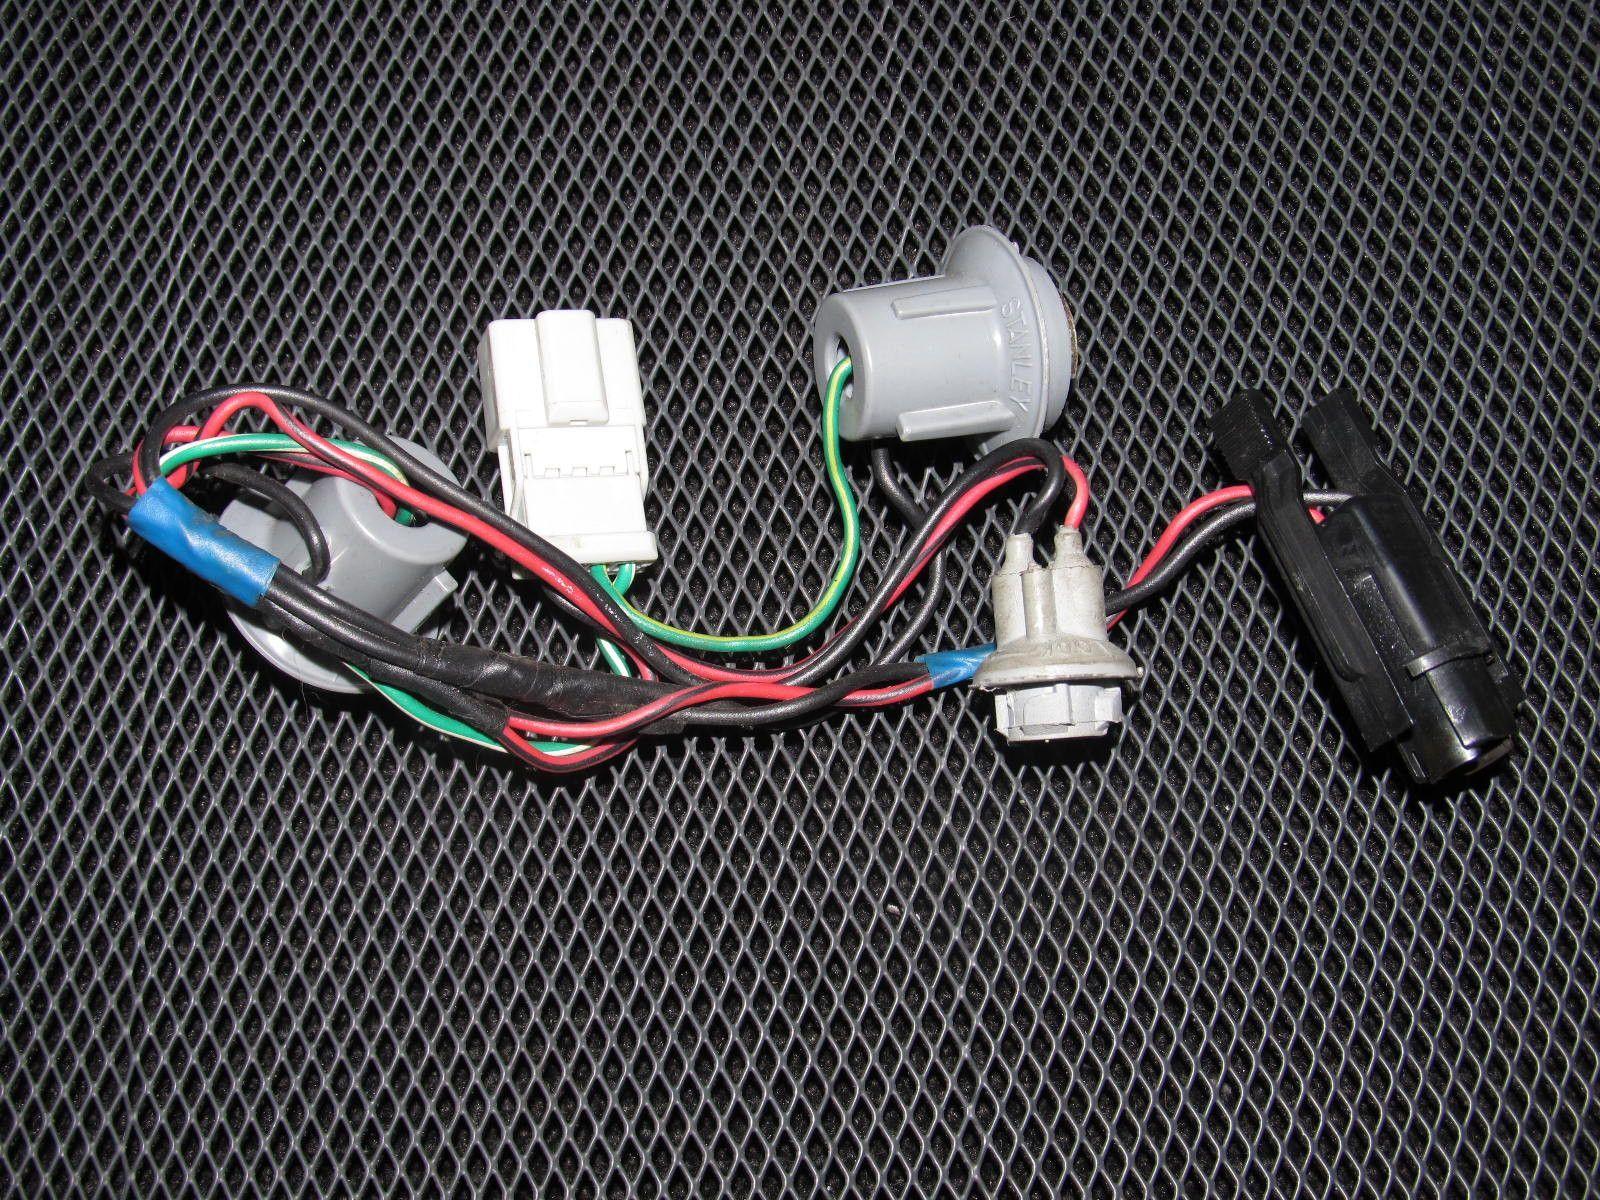 medium resolution of 88 91 honda crx oem tail light bulb socket harness